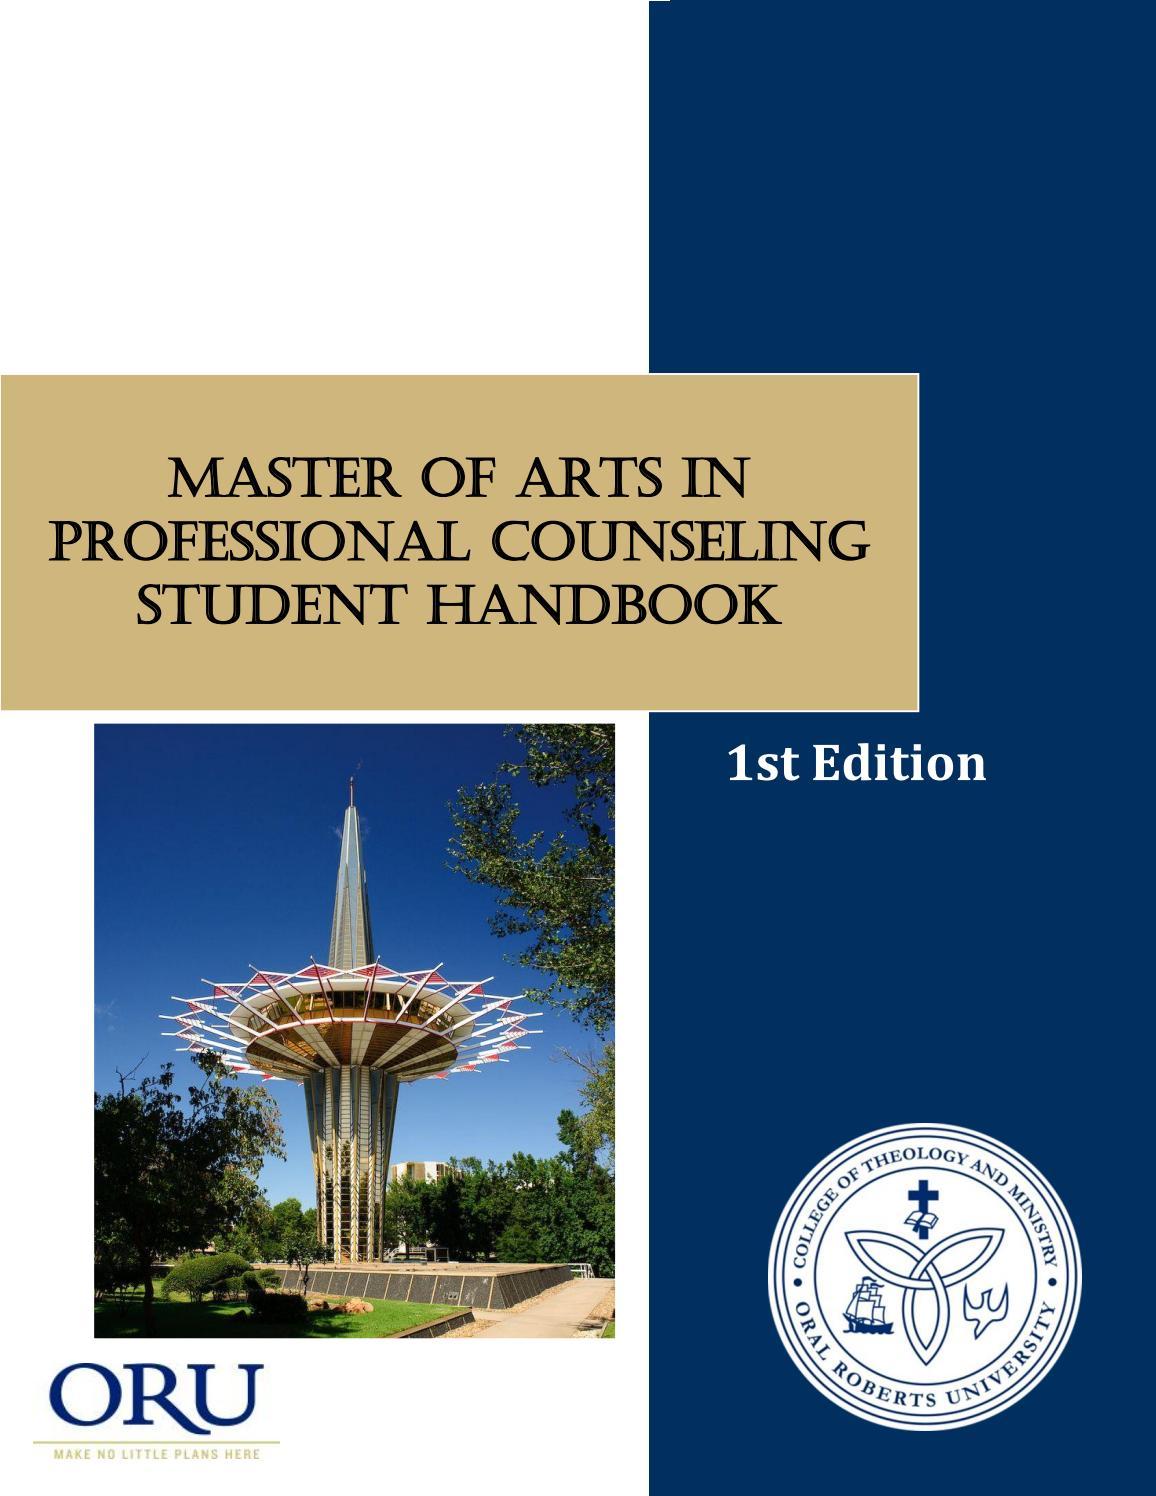 Professional Counseling Student Handbook by orugraduatecounseling - issuu